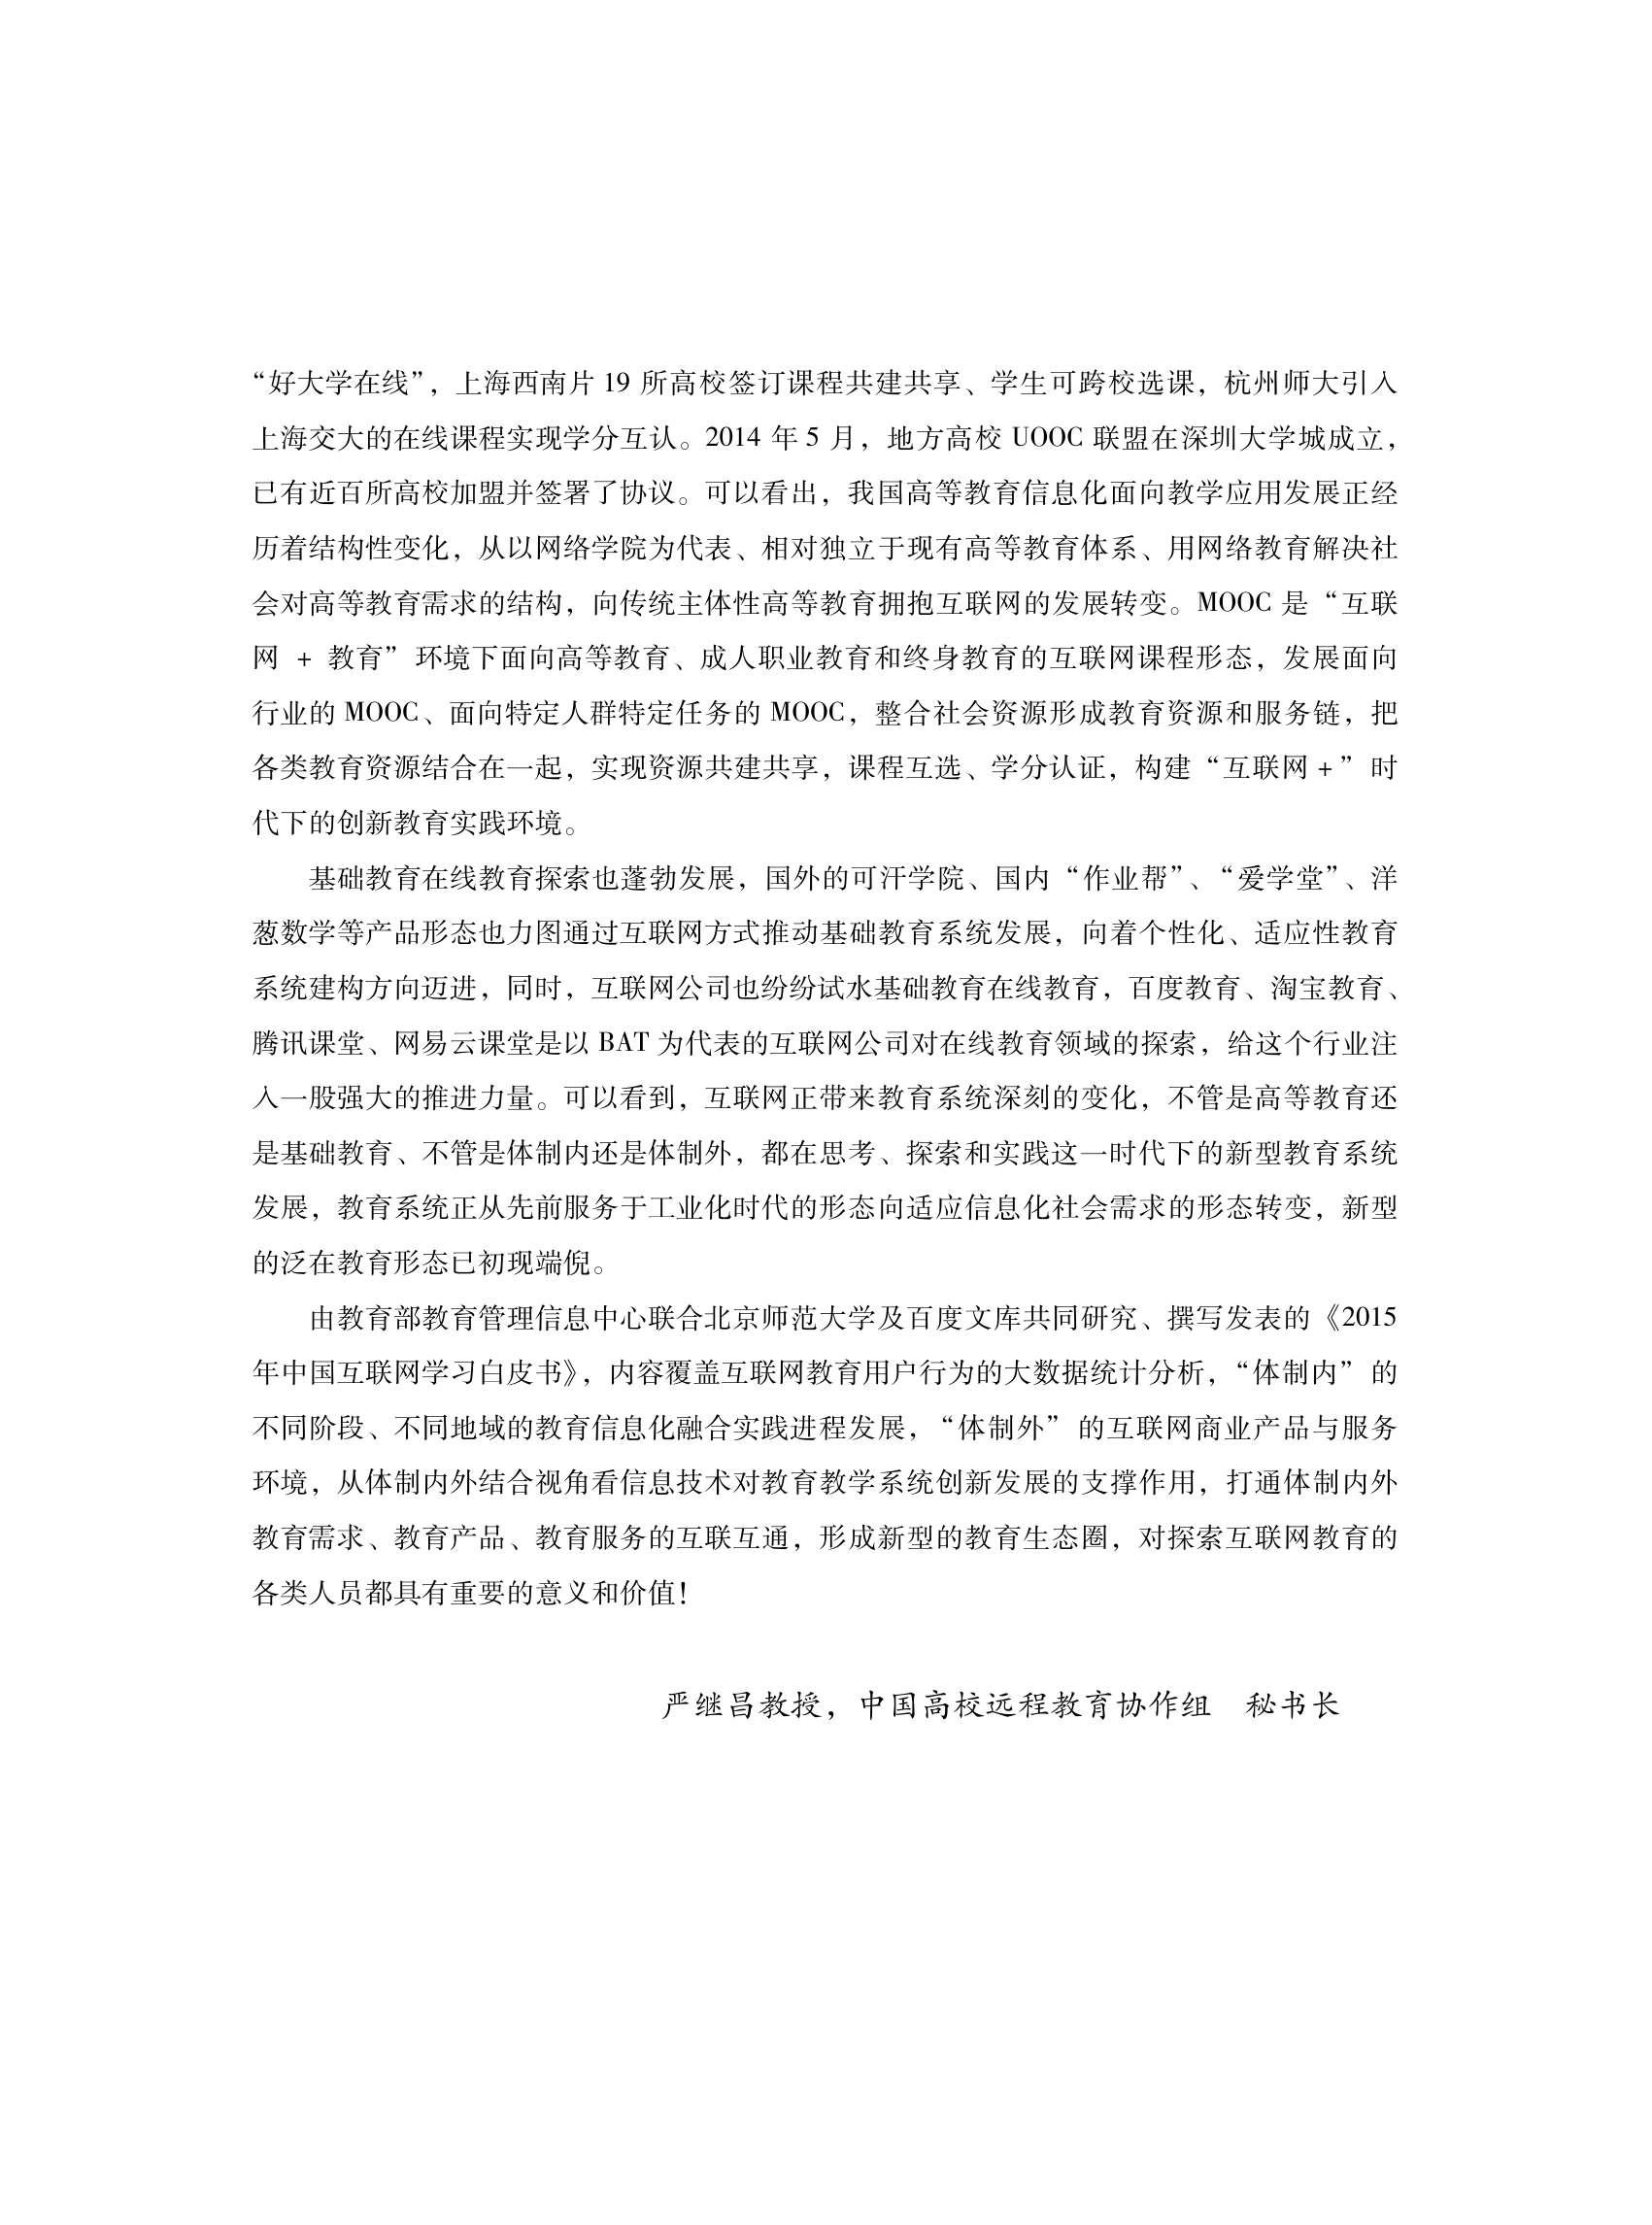 2015年中国互联网学习白皮书_000009